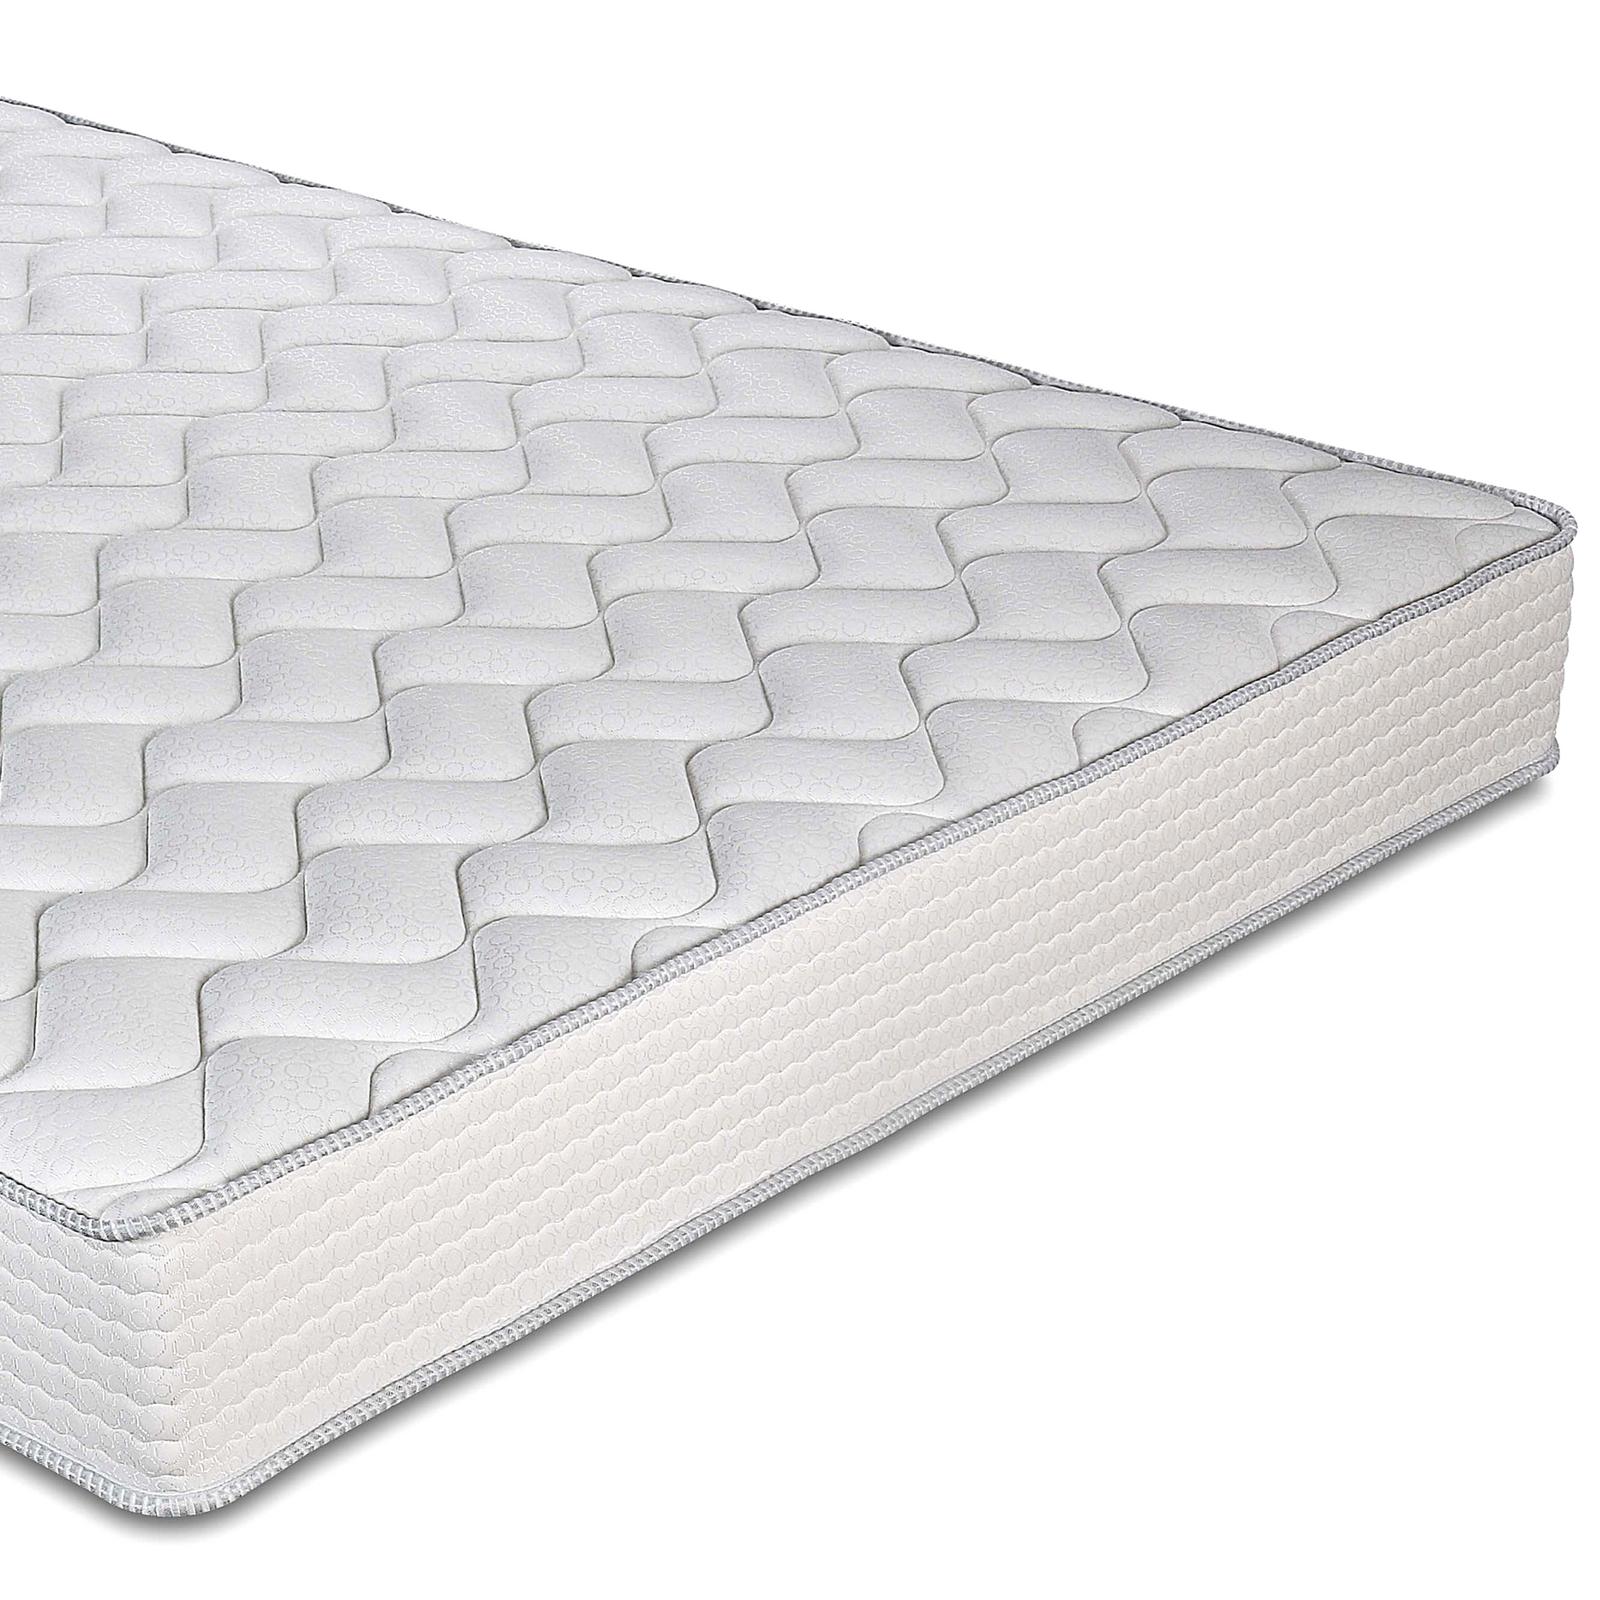 Offerta Materasso Singolo 80x190.Offerta Materasso Singolo Anallergico Rete In Ferro Singola Cuscino Memory Foam